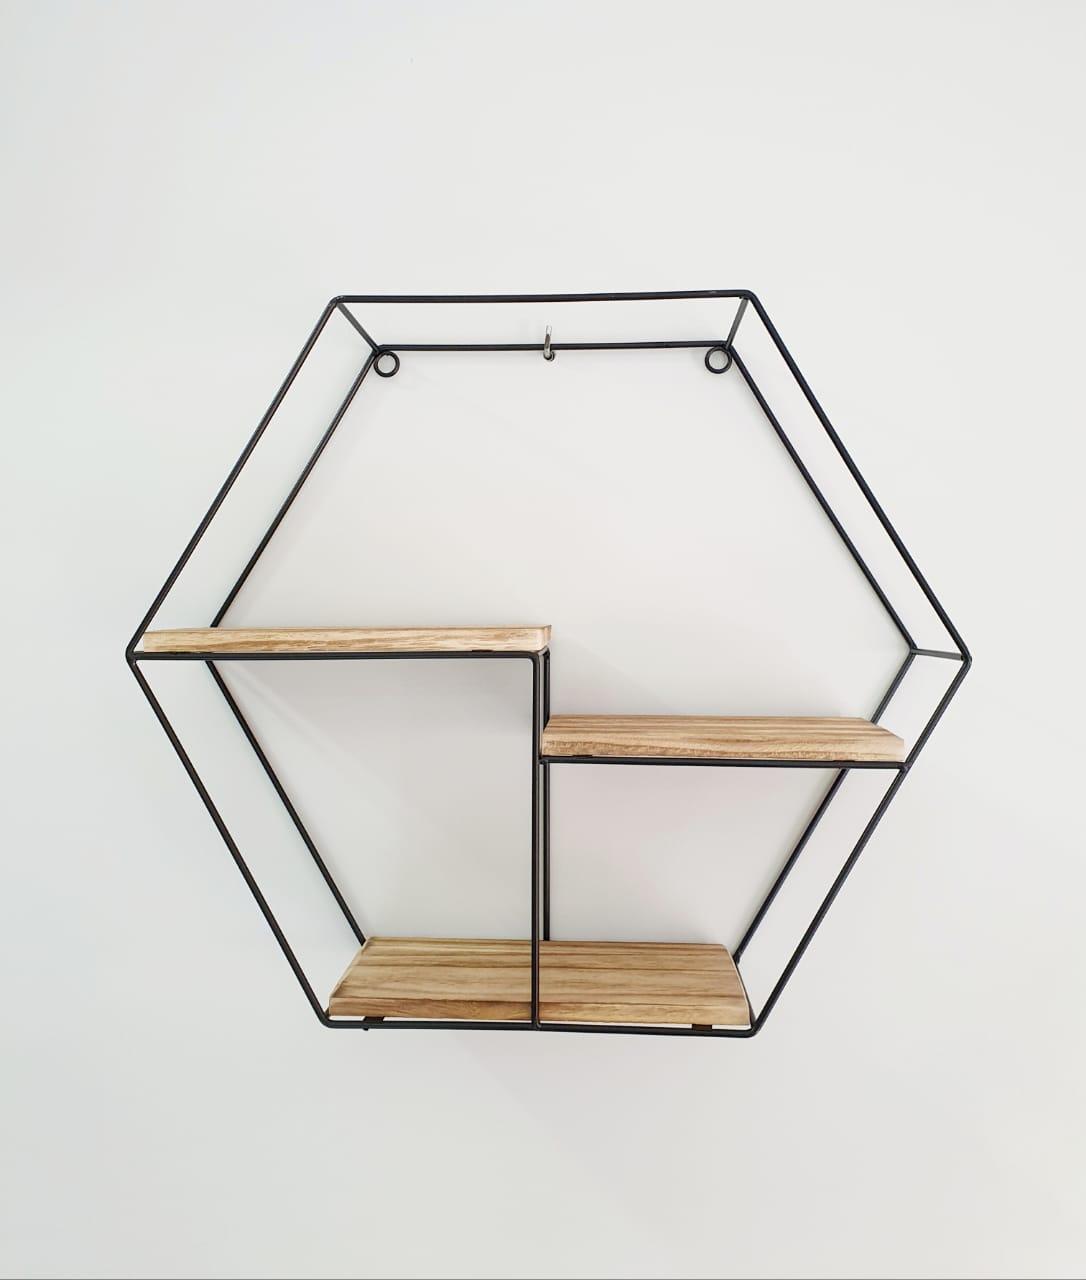 Prateleira decorativa de metal e madeira hexagonal- A 37cm x L11cm X C 37cm